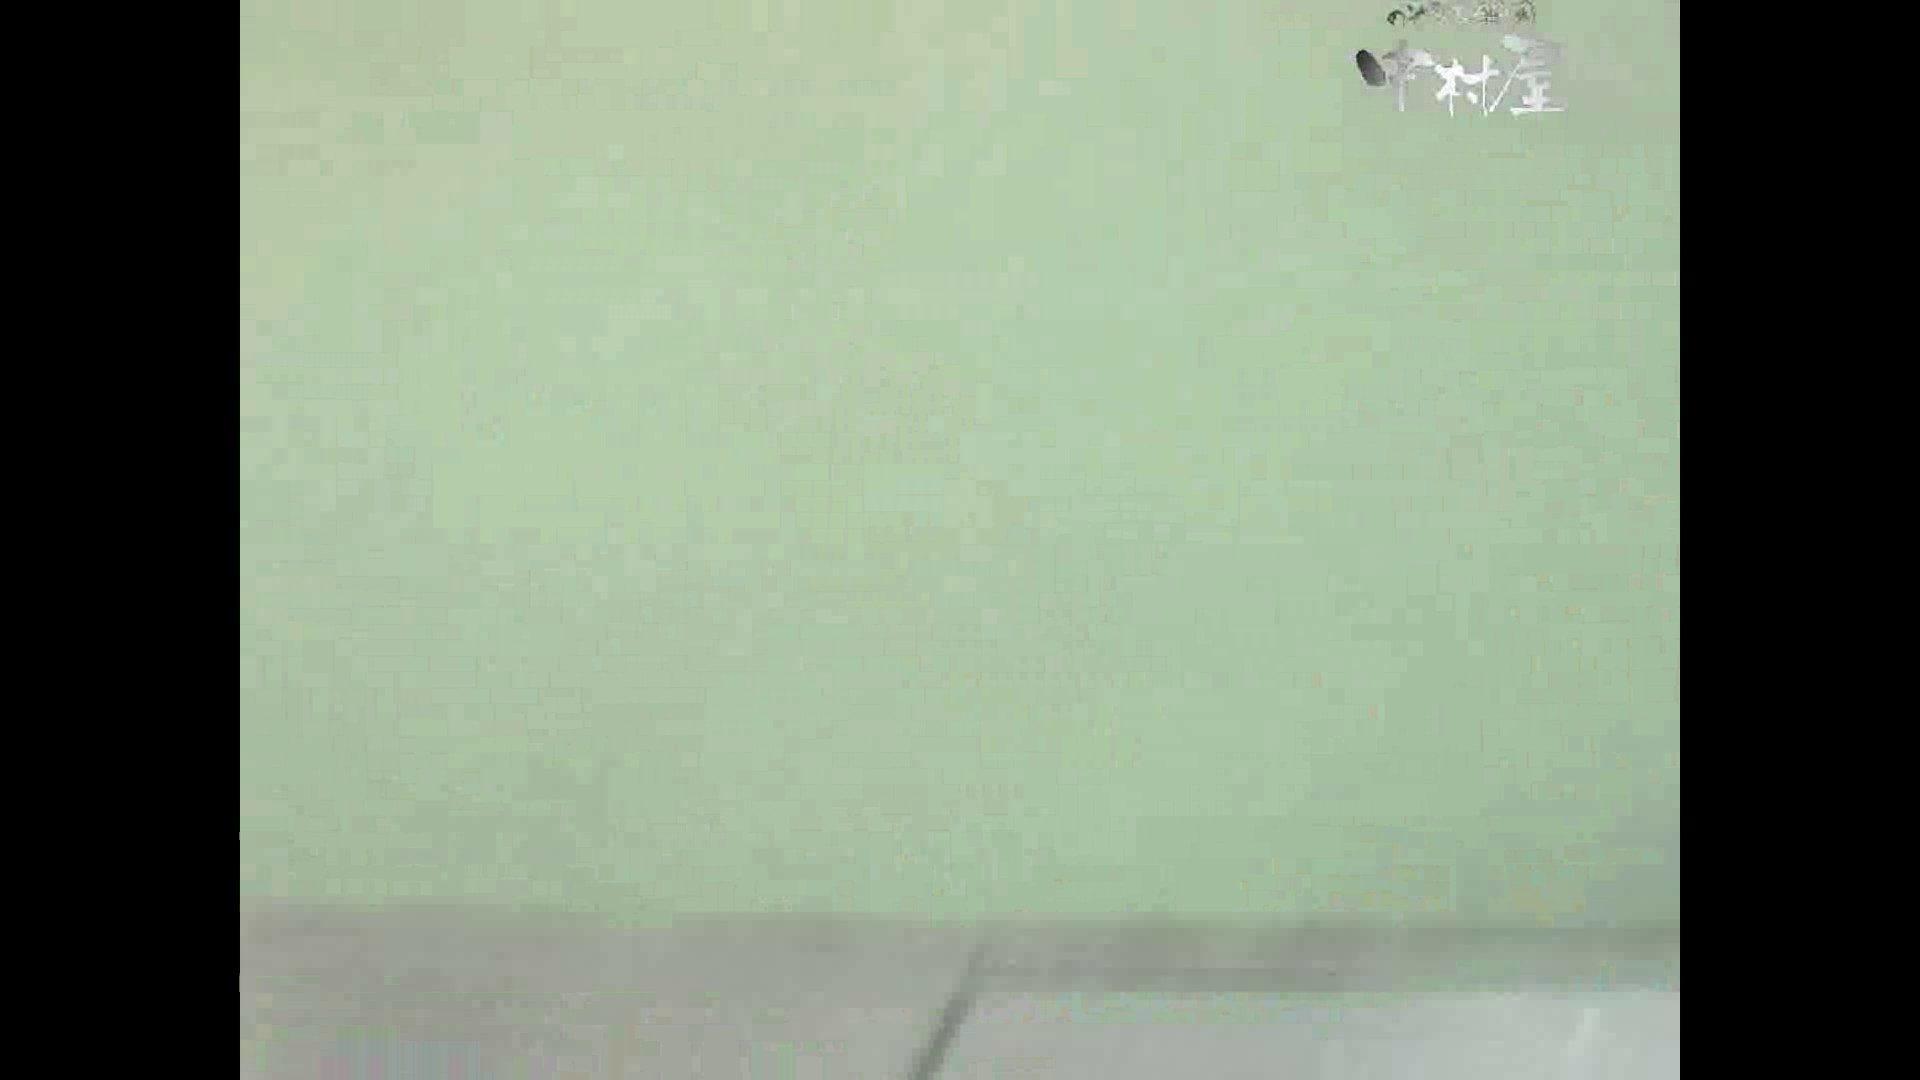 岩手県在住盗撮師盗撮記録vol.33 盗撮シリーズ セックス無修正動画無料 98PIX 78